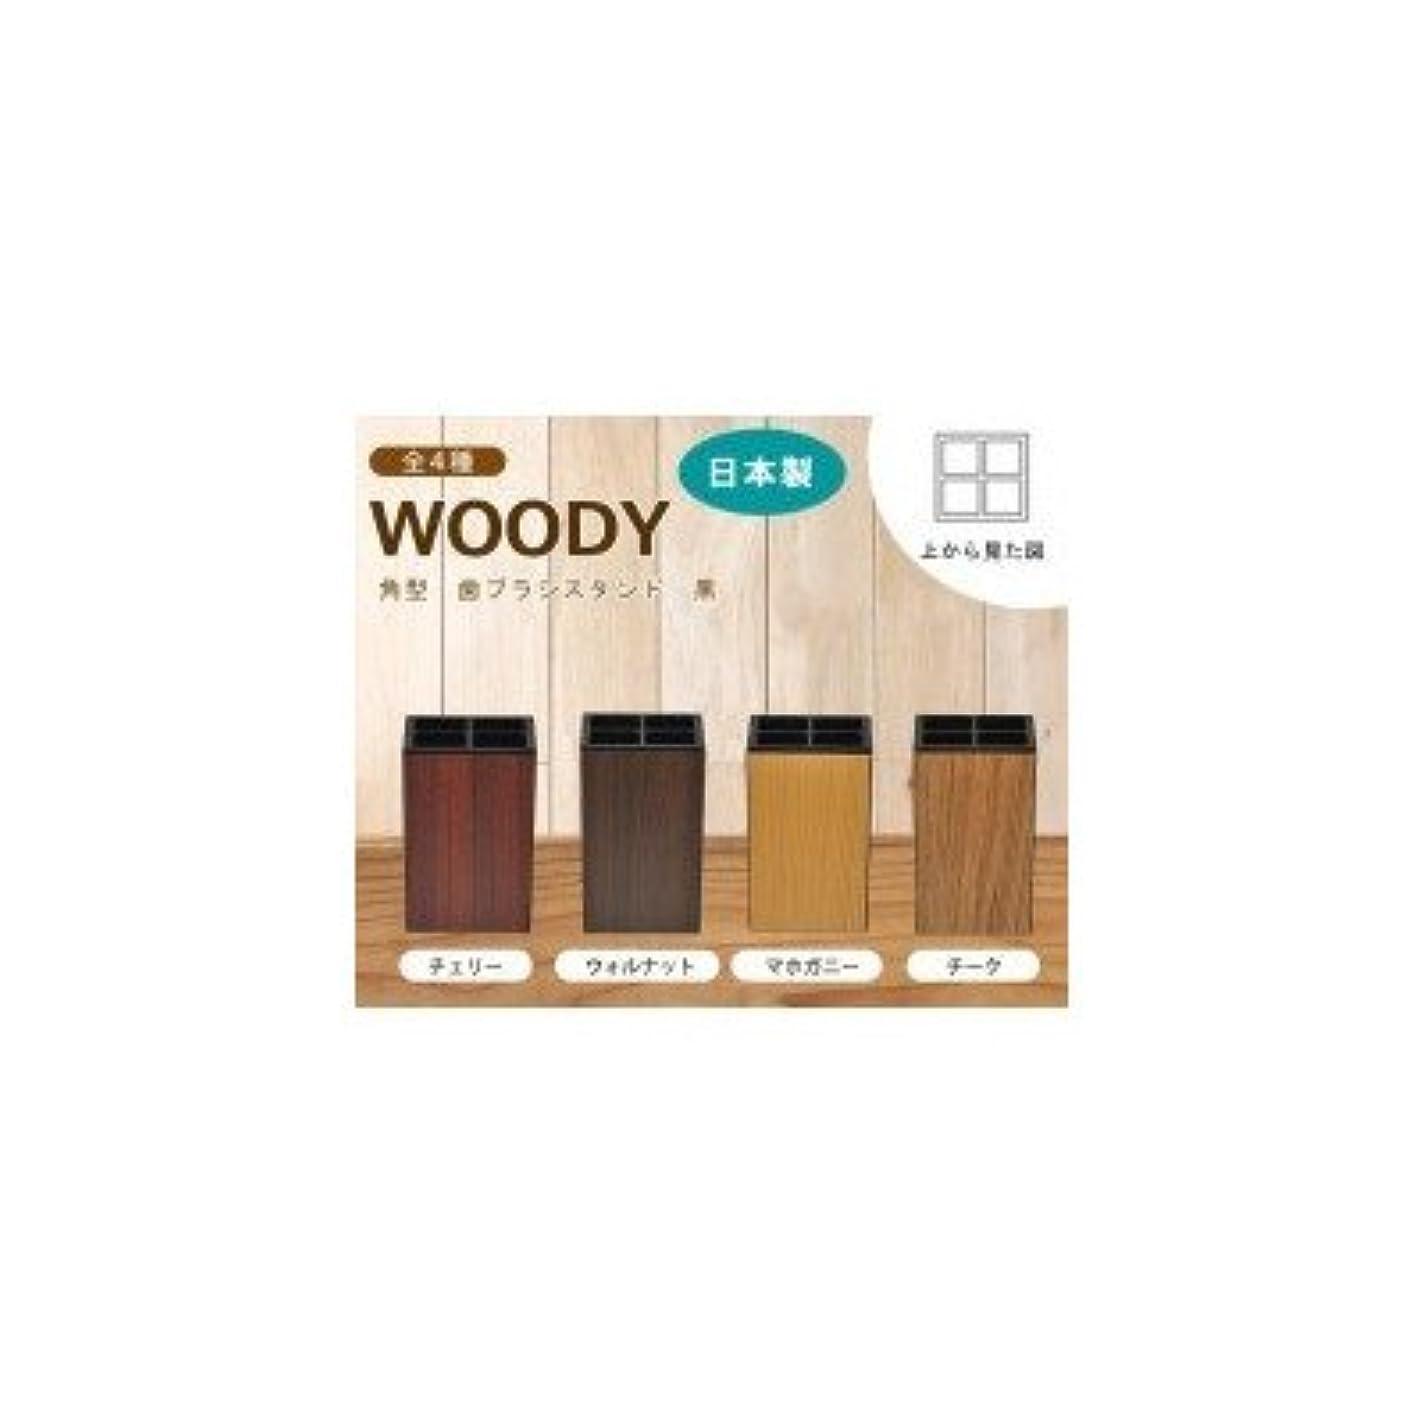 慣性ヒュームノーブル日本製 WOODY ウッディ 角型 歯ブラシスタンド 黒 ウォルナット?13-450345( 画像はイメージ画像です お届けの商品はウォルナット?13-450345のみとなります)